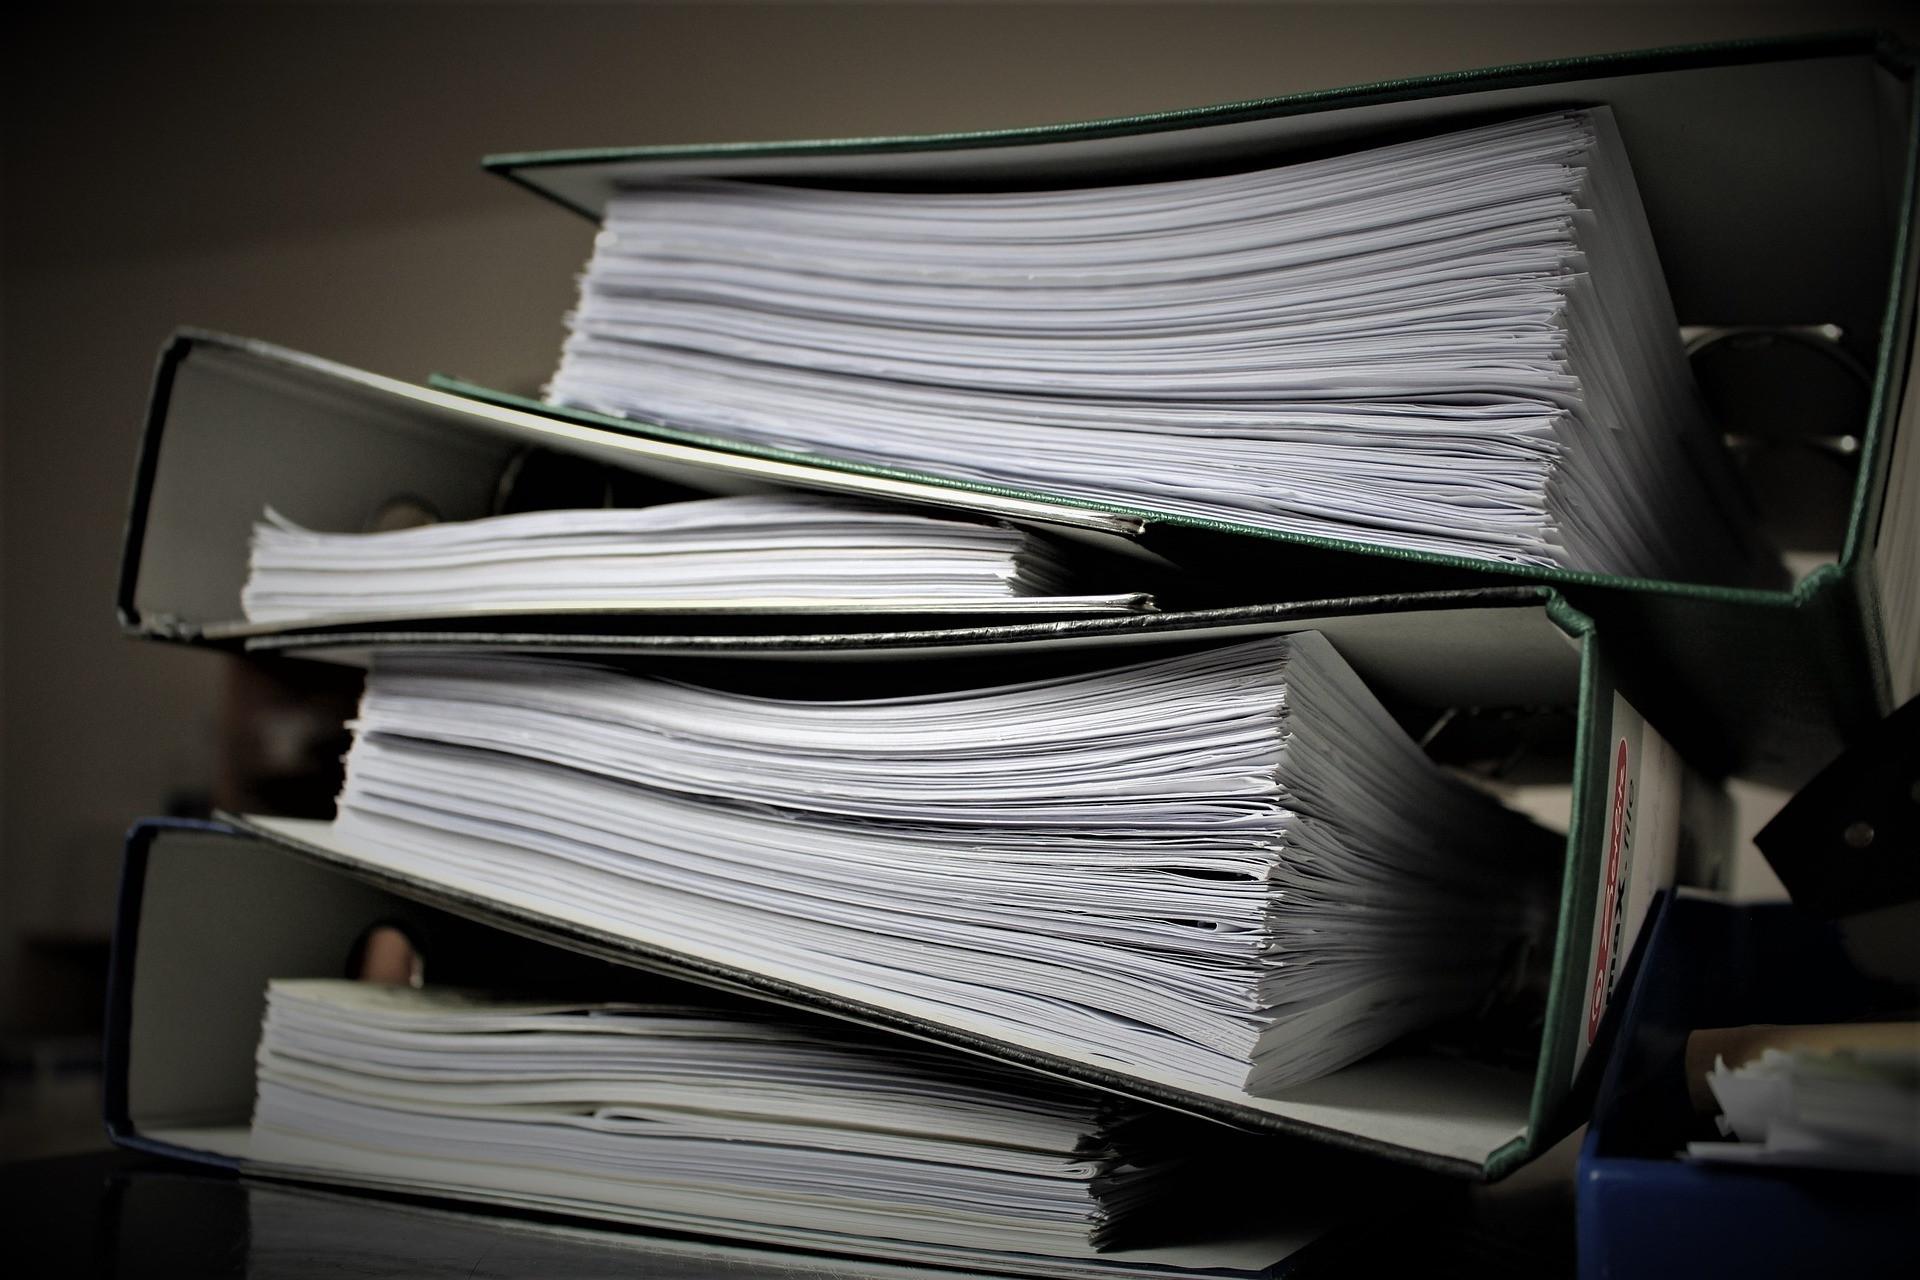 Eu Datenschutzgrundverordnung Kommt Verschärfter Datenschutz Nimmt